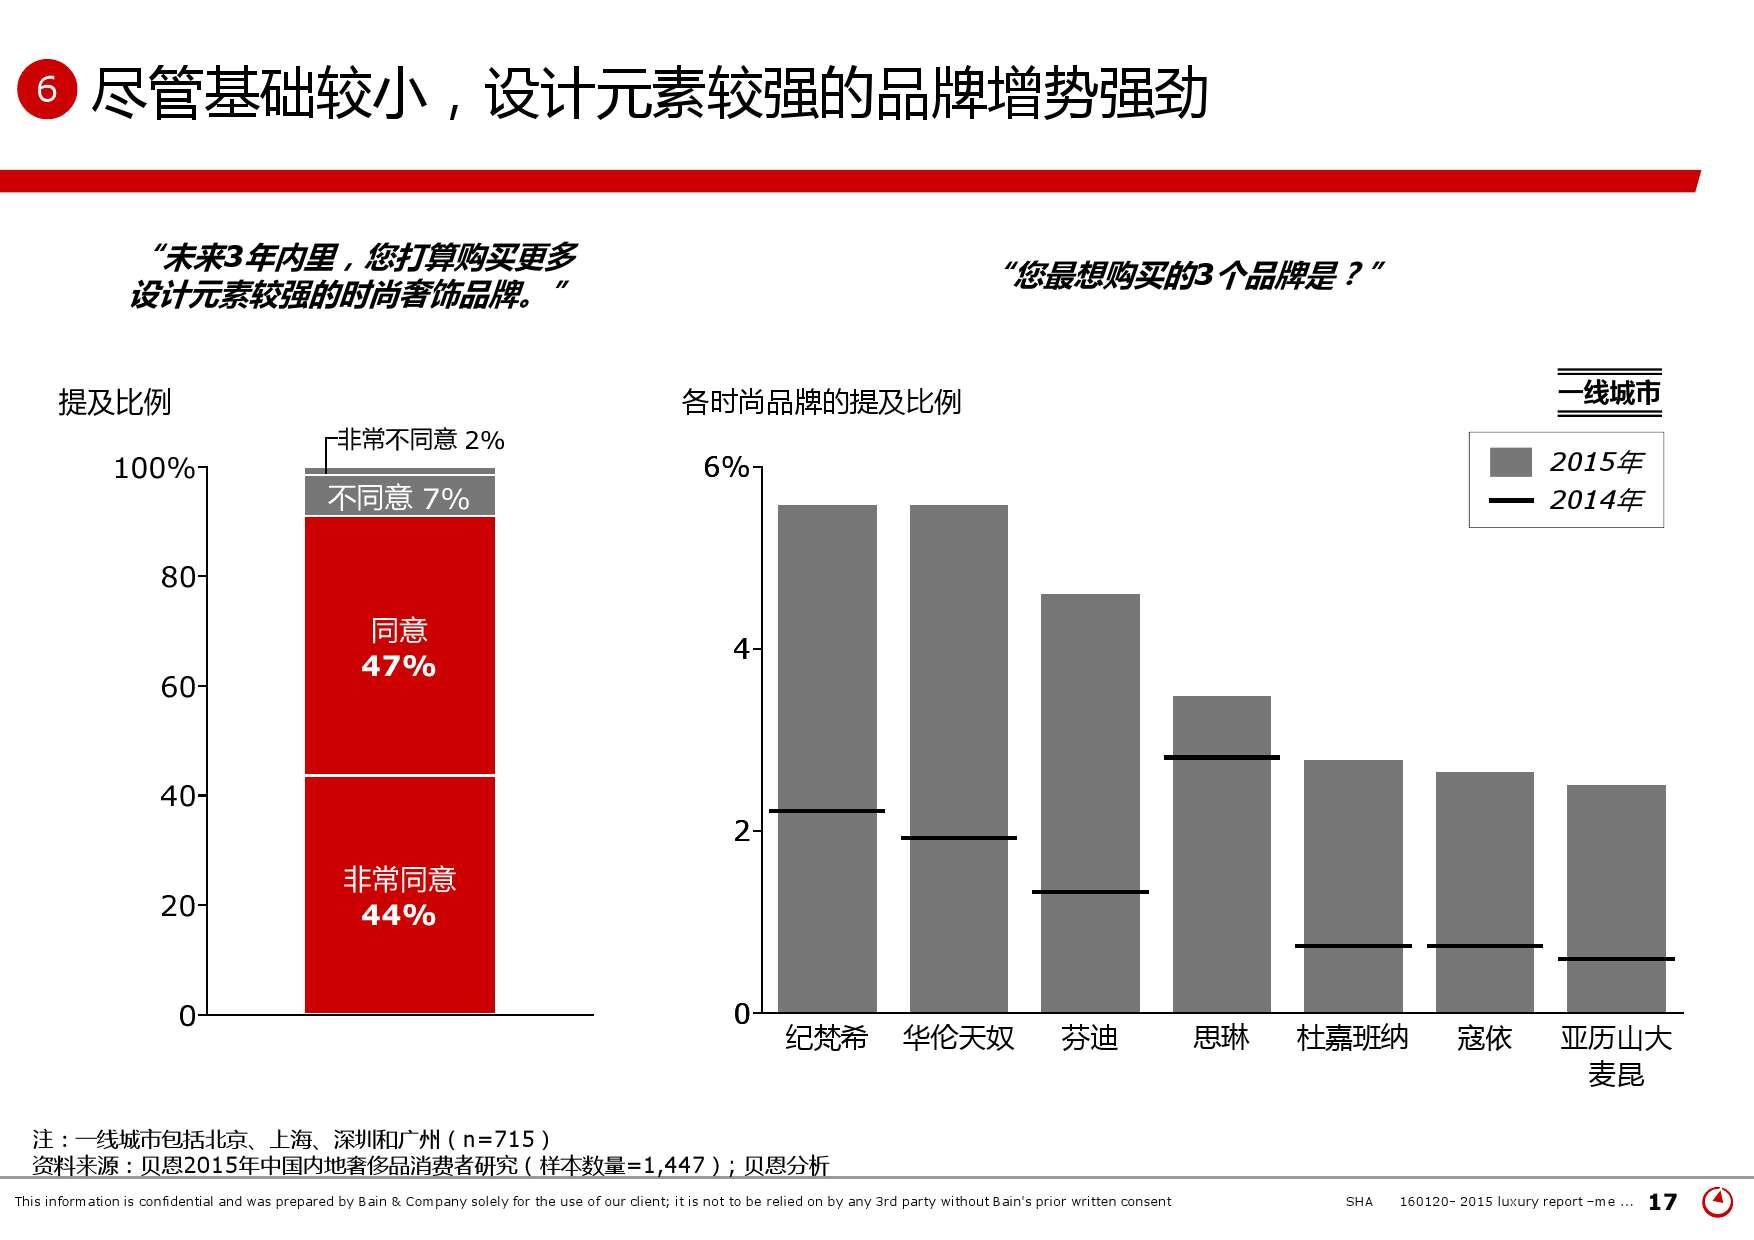 2015年中国奢侈品市场研究报告_000017